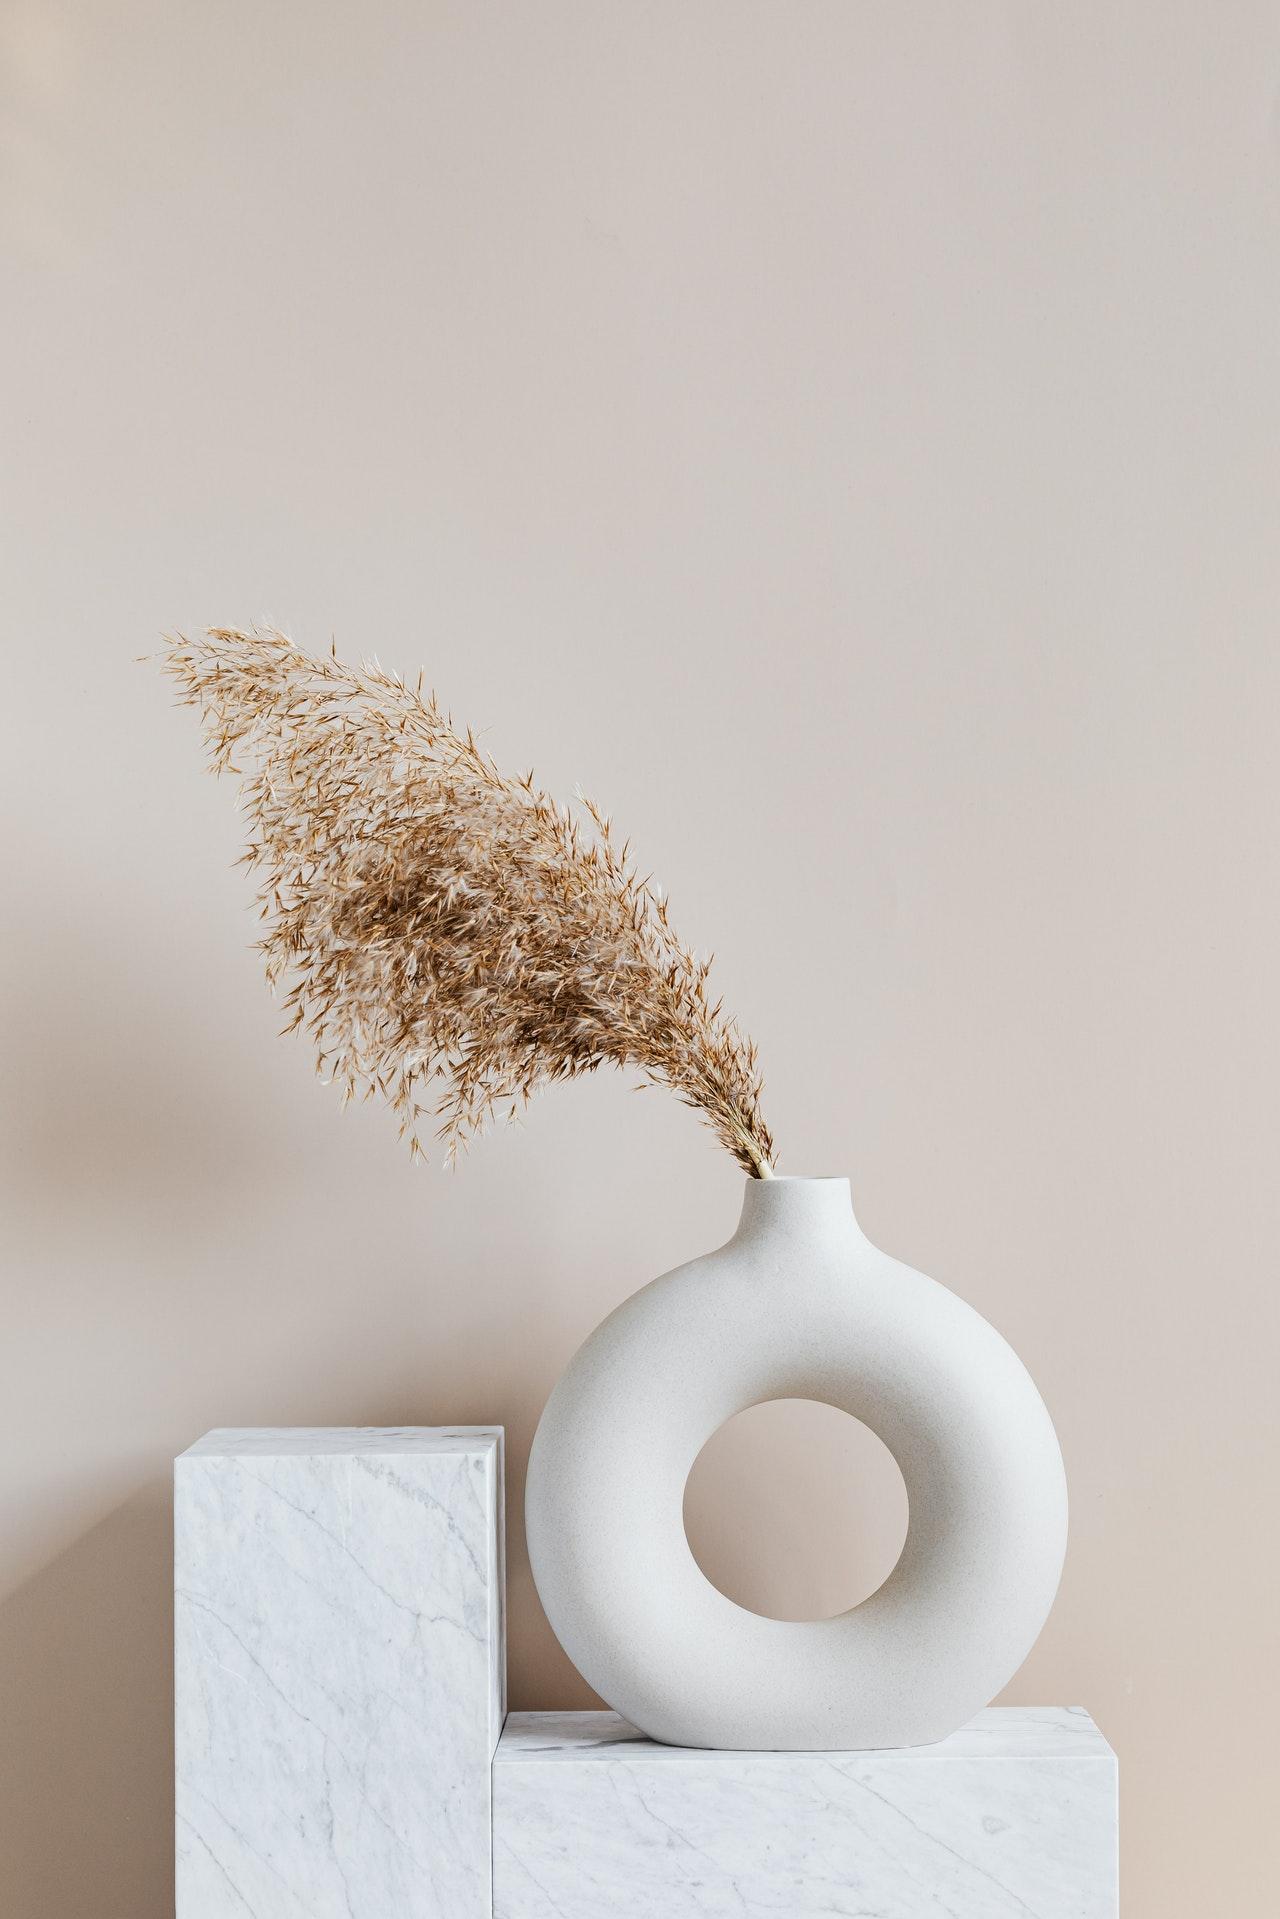 bruine plant in witte vaas op blokvormig voetstuk